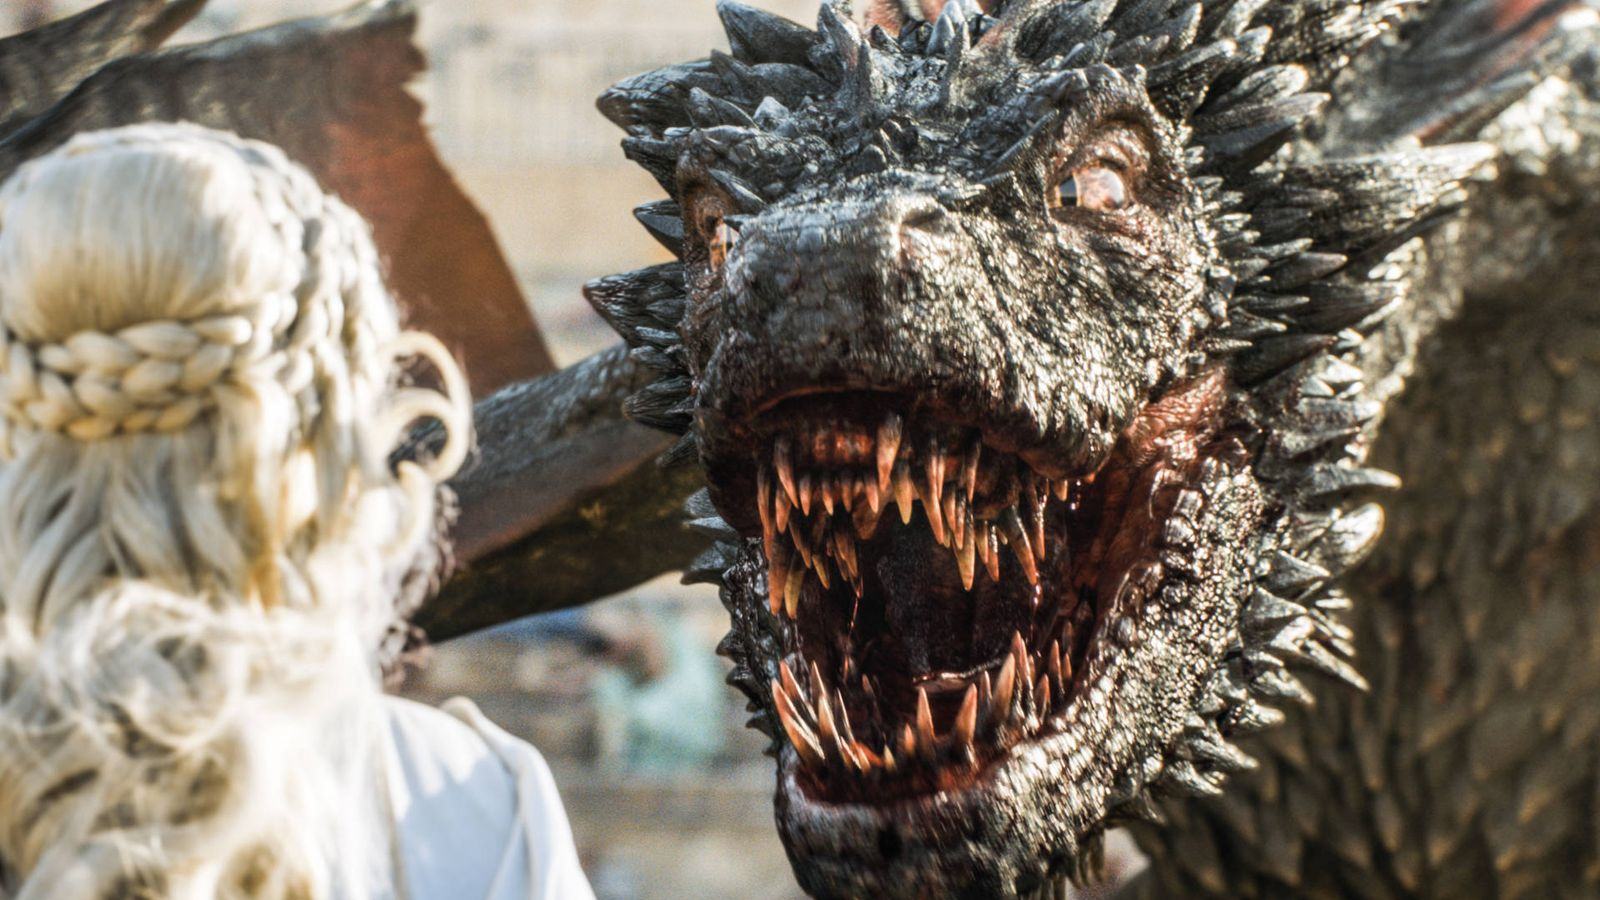 Foto: Imagen de Drogon, uno de los dragones de Daenerys Targaryen en 'Juego de tronos'